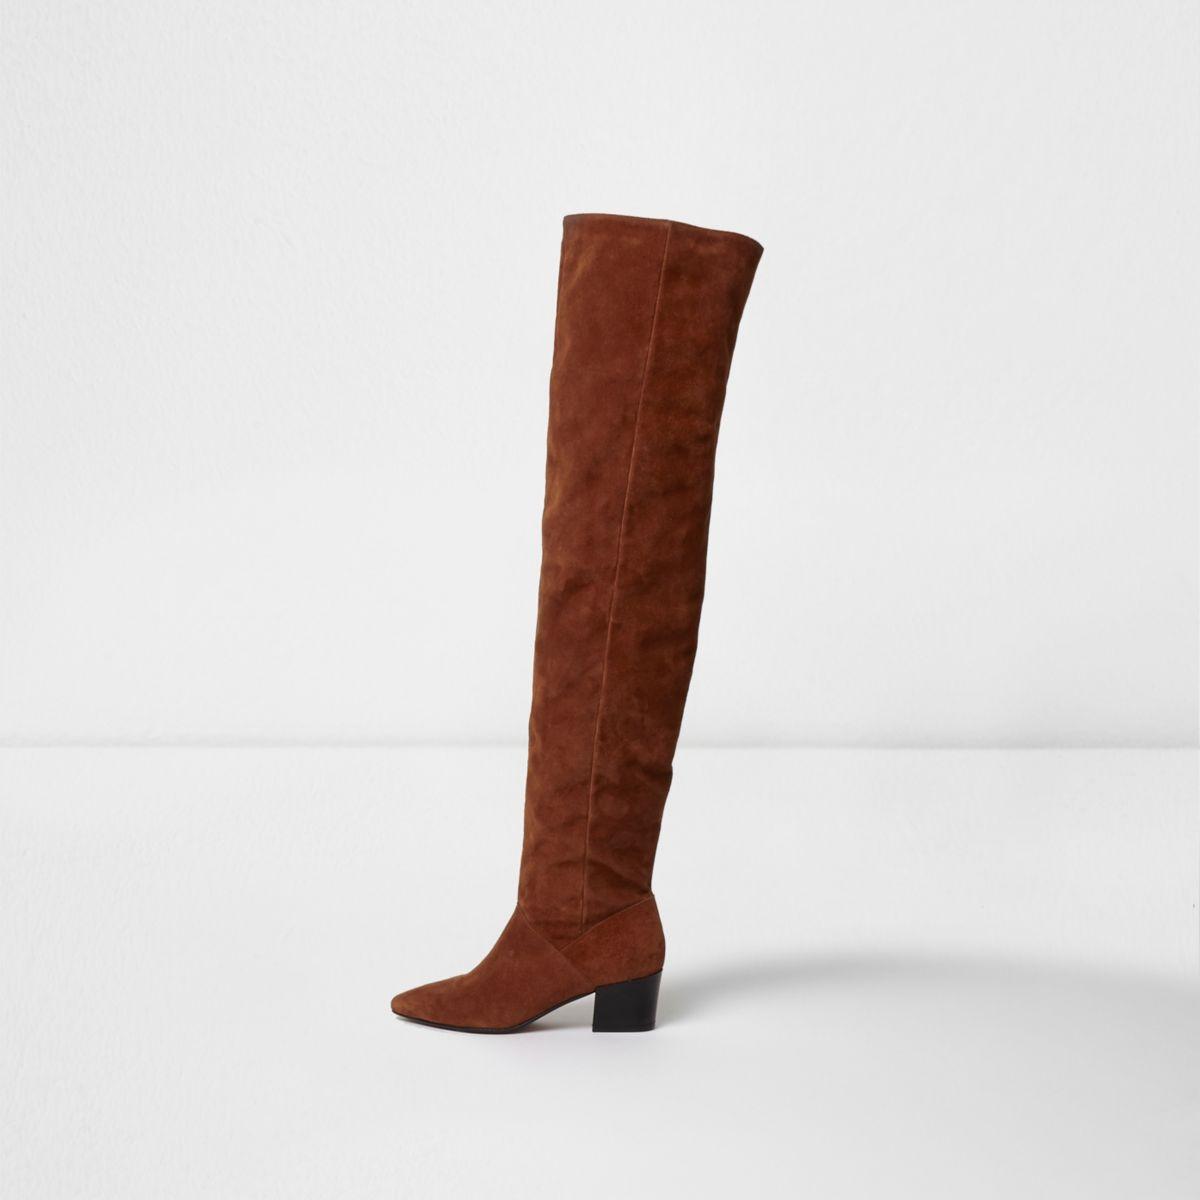 Brown suede over the knee block heel boots